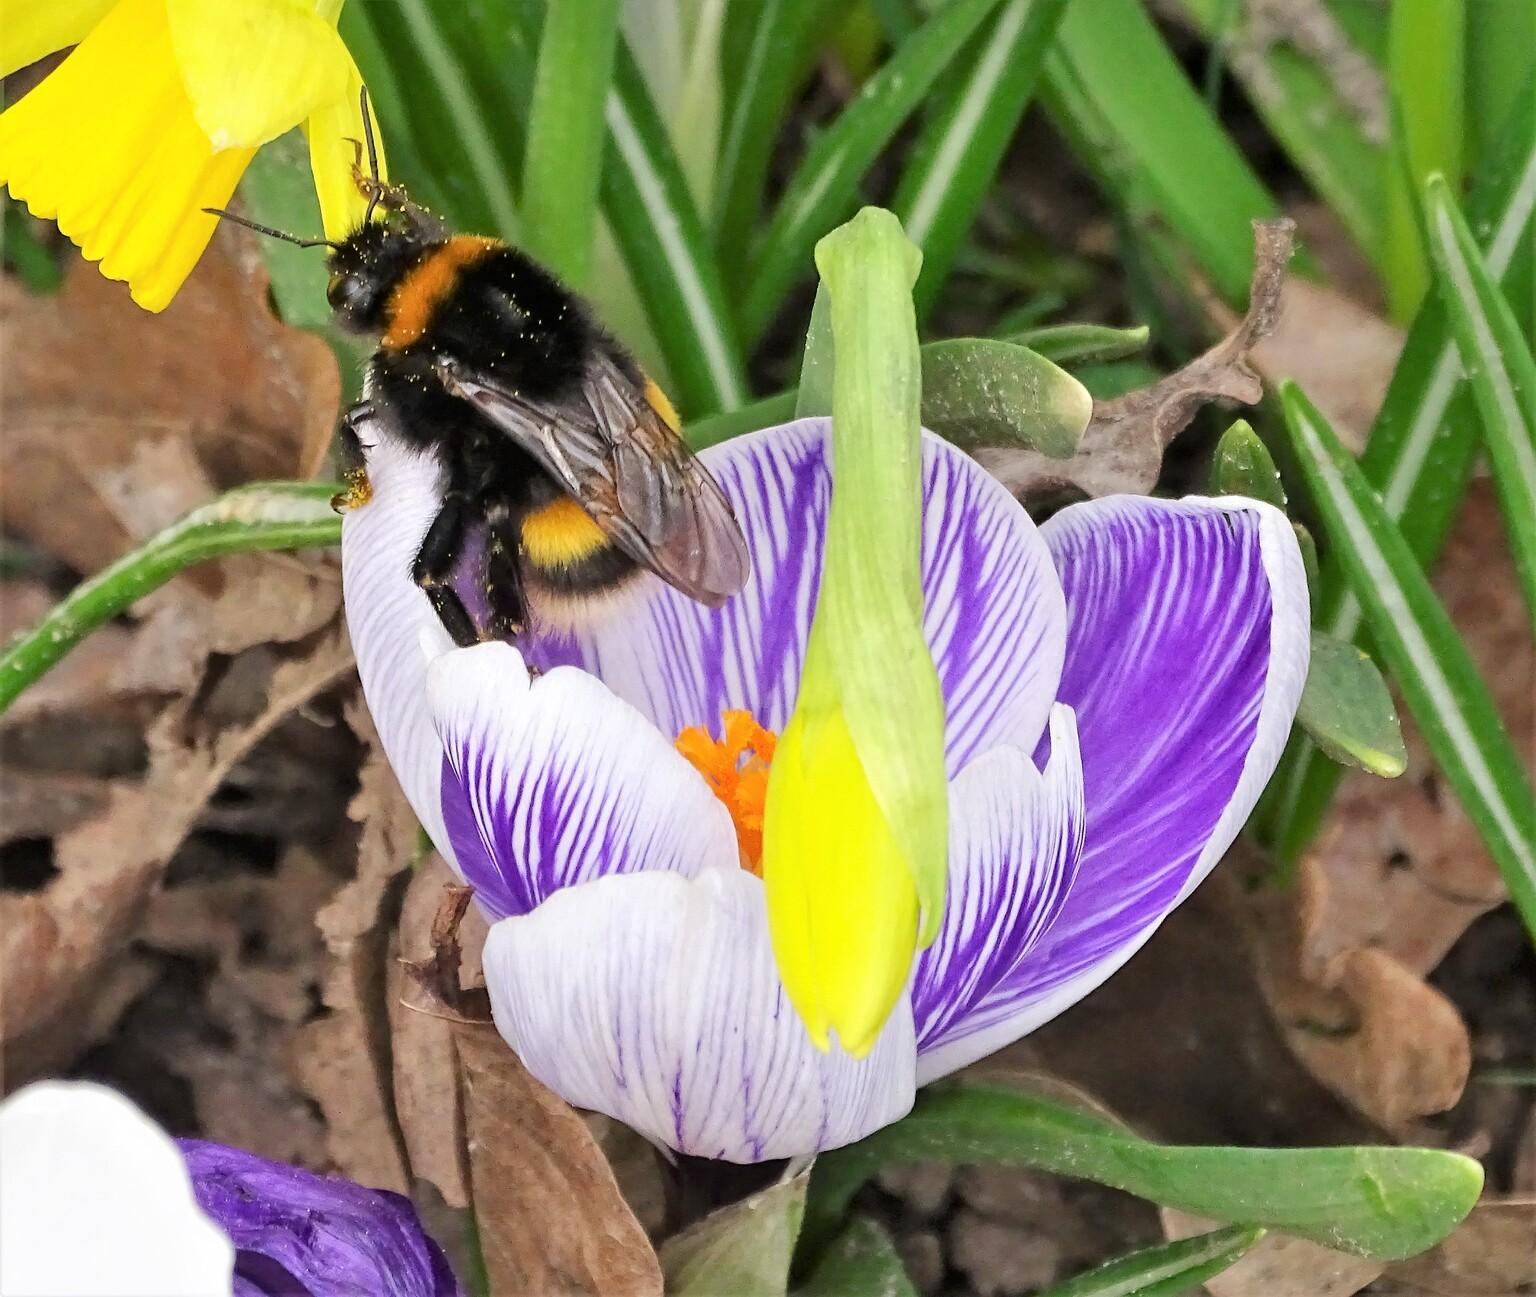 Lente - Krokus met hommel - foto door vandenwijngaart op 14-04-2021 - locatie: 4873 AD Etten-Leur, Nederland - deze foto bevat: bloem, fabriek, bestuiver, insect, plantkunde, bloemblaadje, purper, sneeuwkrokus, organisme, geel